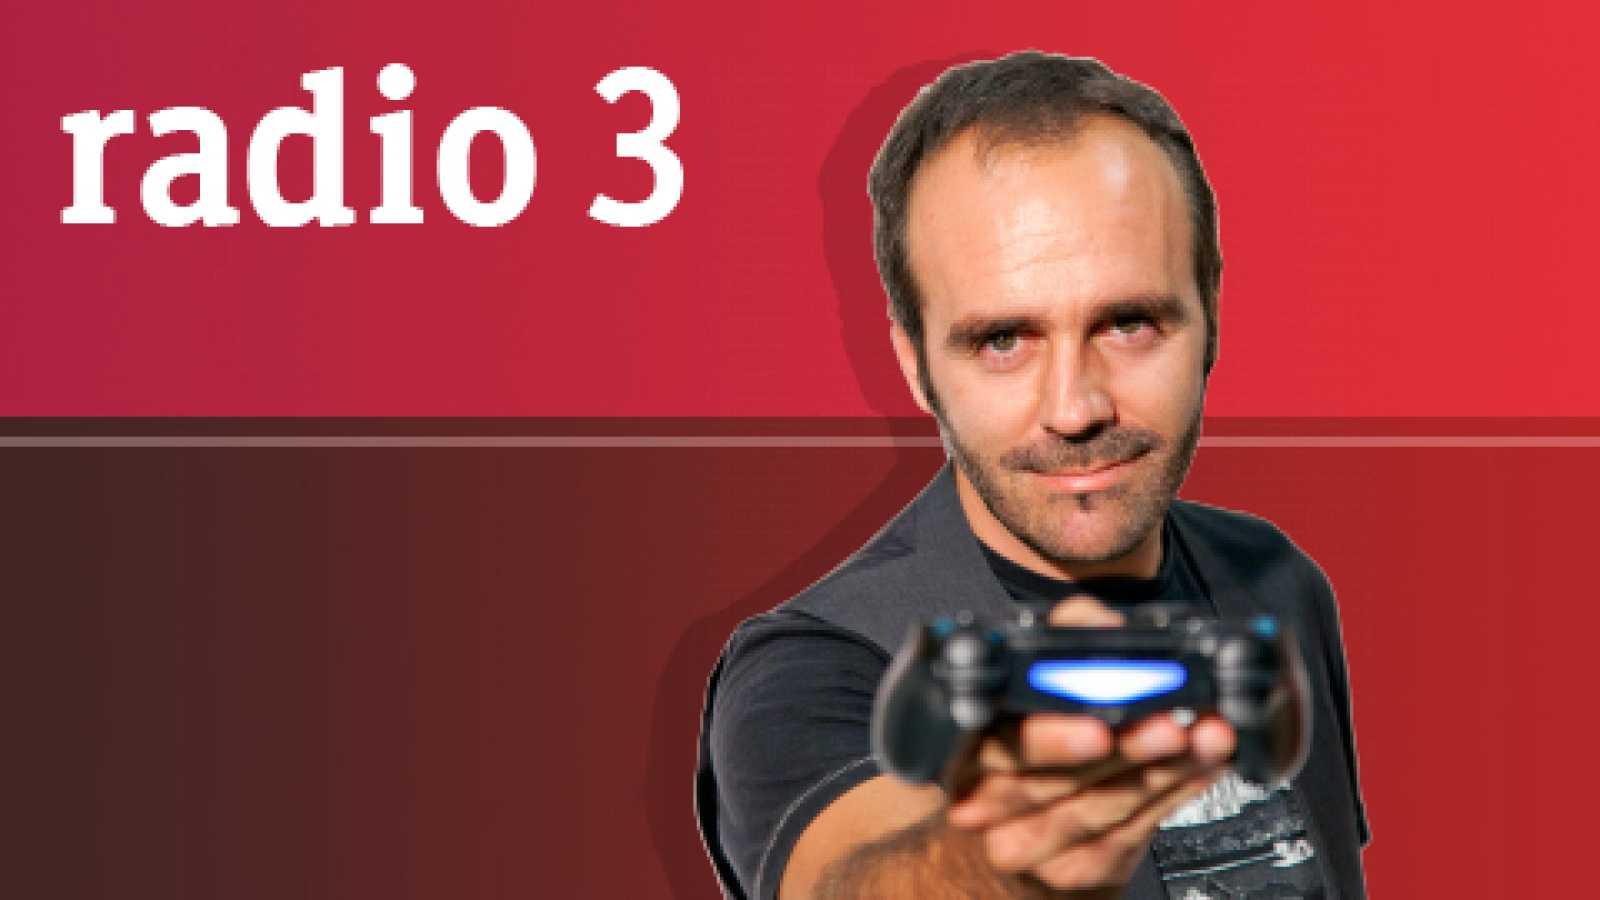 Fallo de sistema - Episodio 37: Españoles por los videojuegos - 18/03/12 - Escuchar ahora